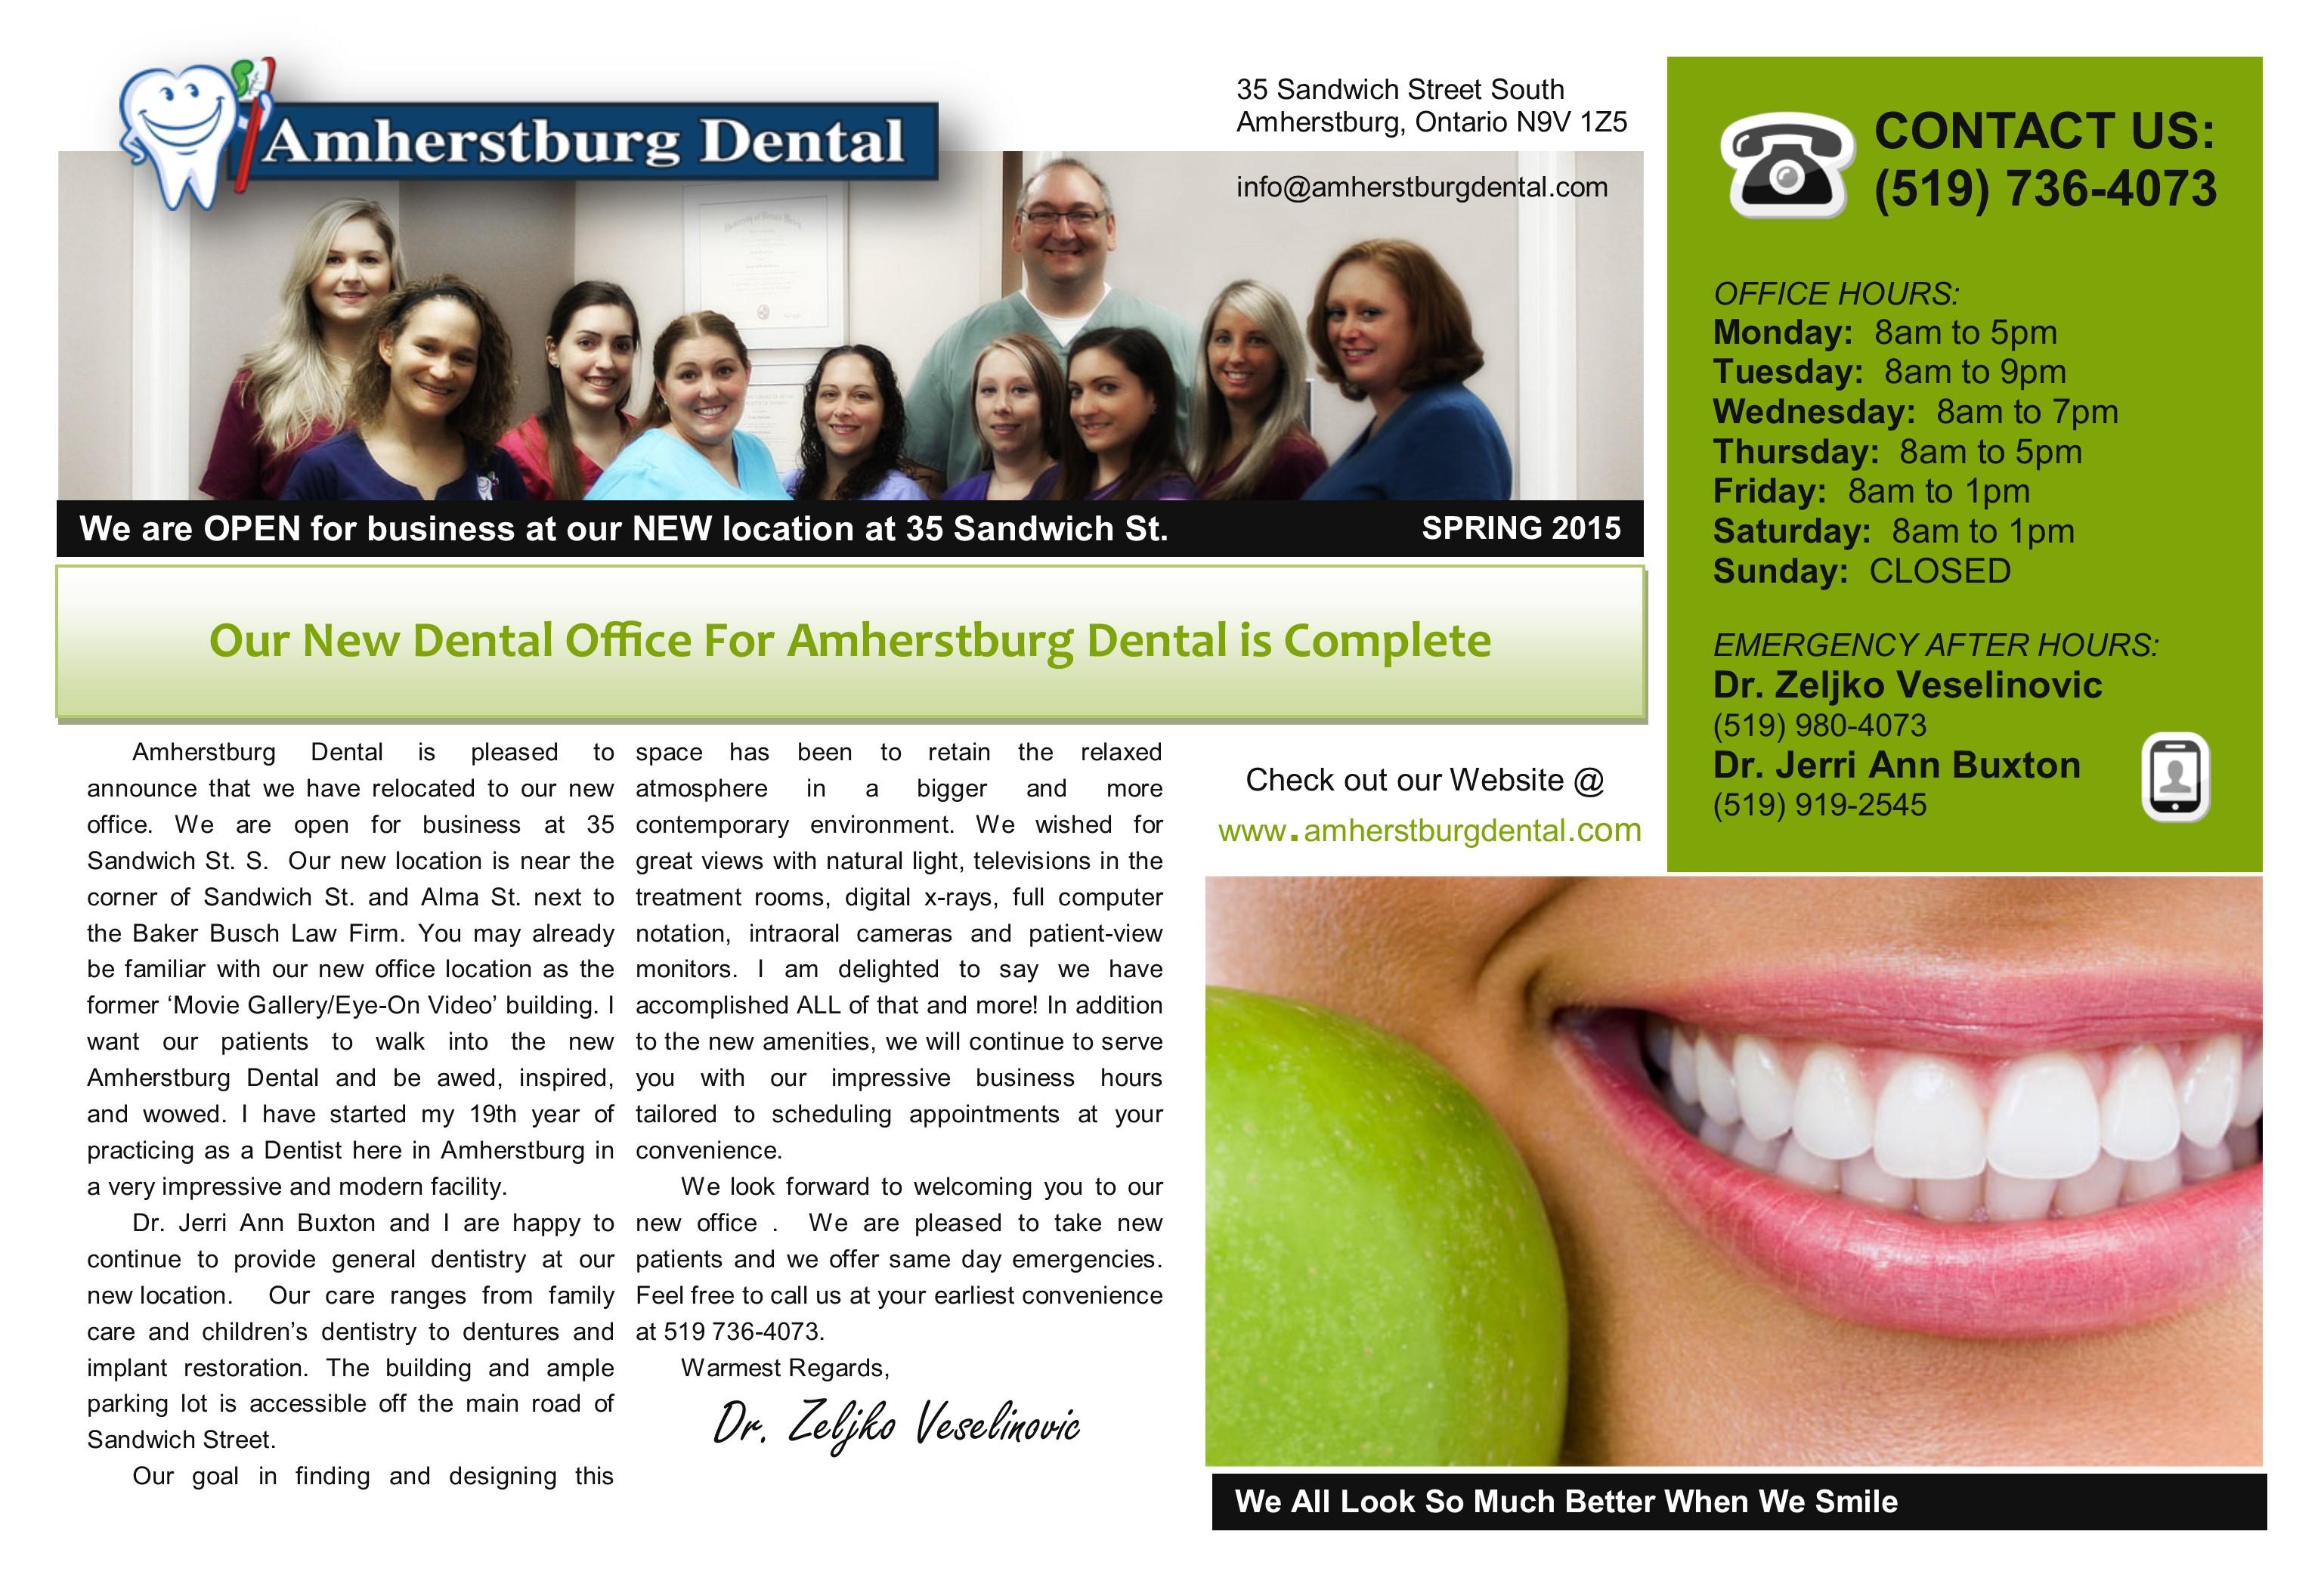 Publication for RTT001-4